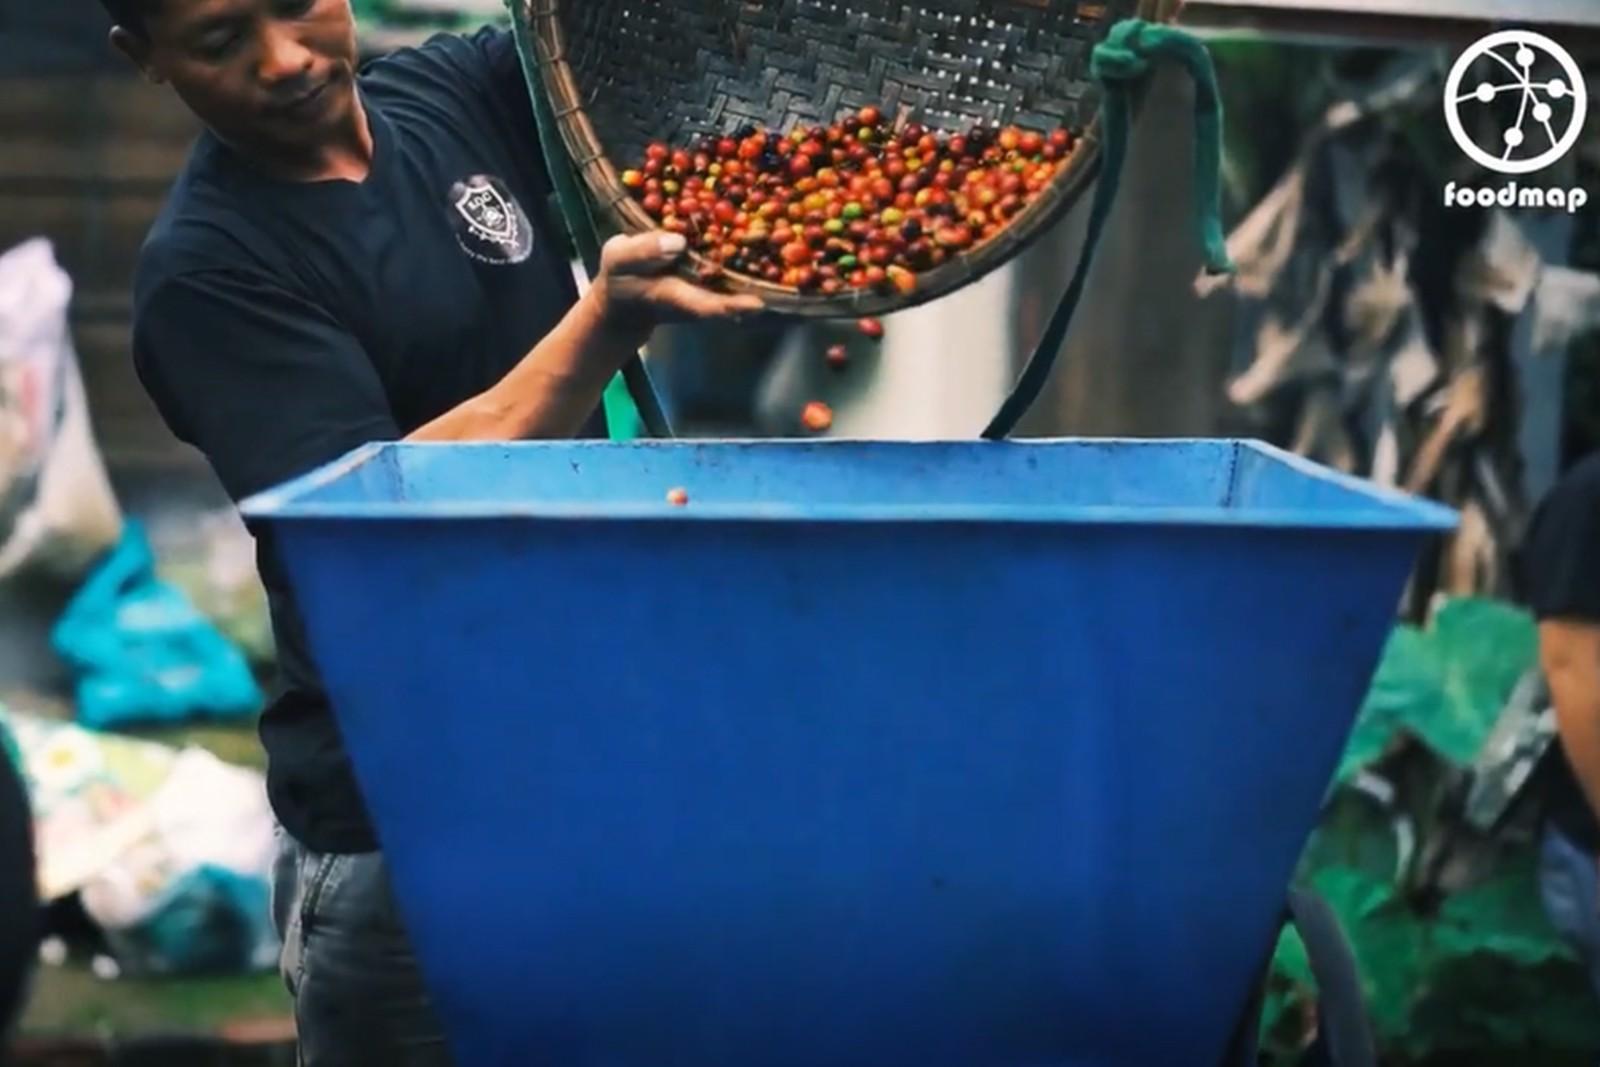 Quy trình chế biến cà phê nhân theo phương pháp ướt